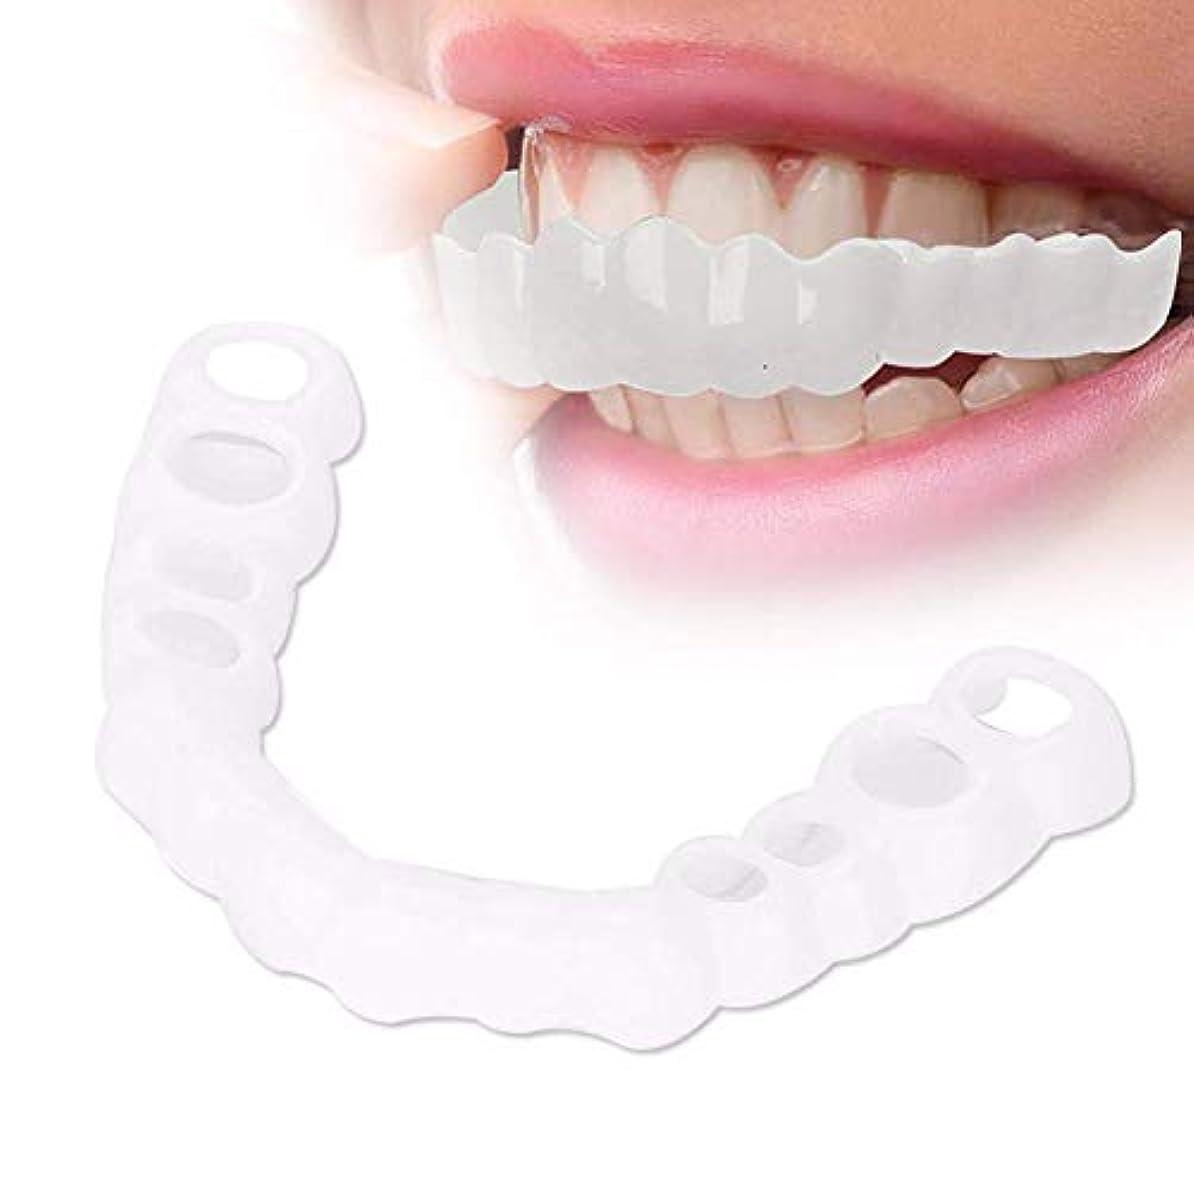 暫定燃料起業家一時的な笑顔の快適さフィット化粧品の歯義歯のベニヤの歯快適さのフィットフレックス化粧品の歯の歯のベニア(上の歯)